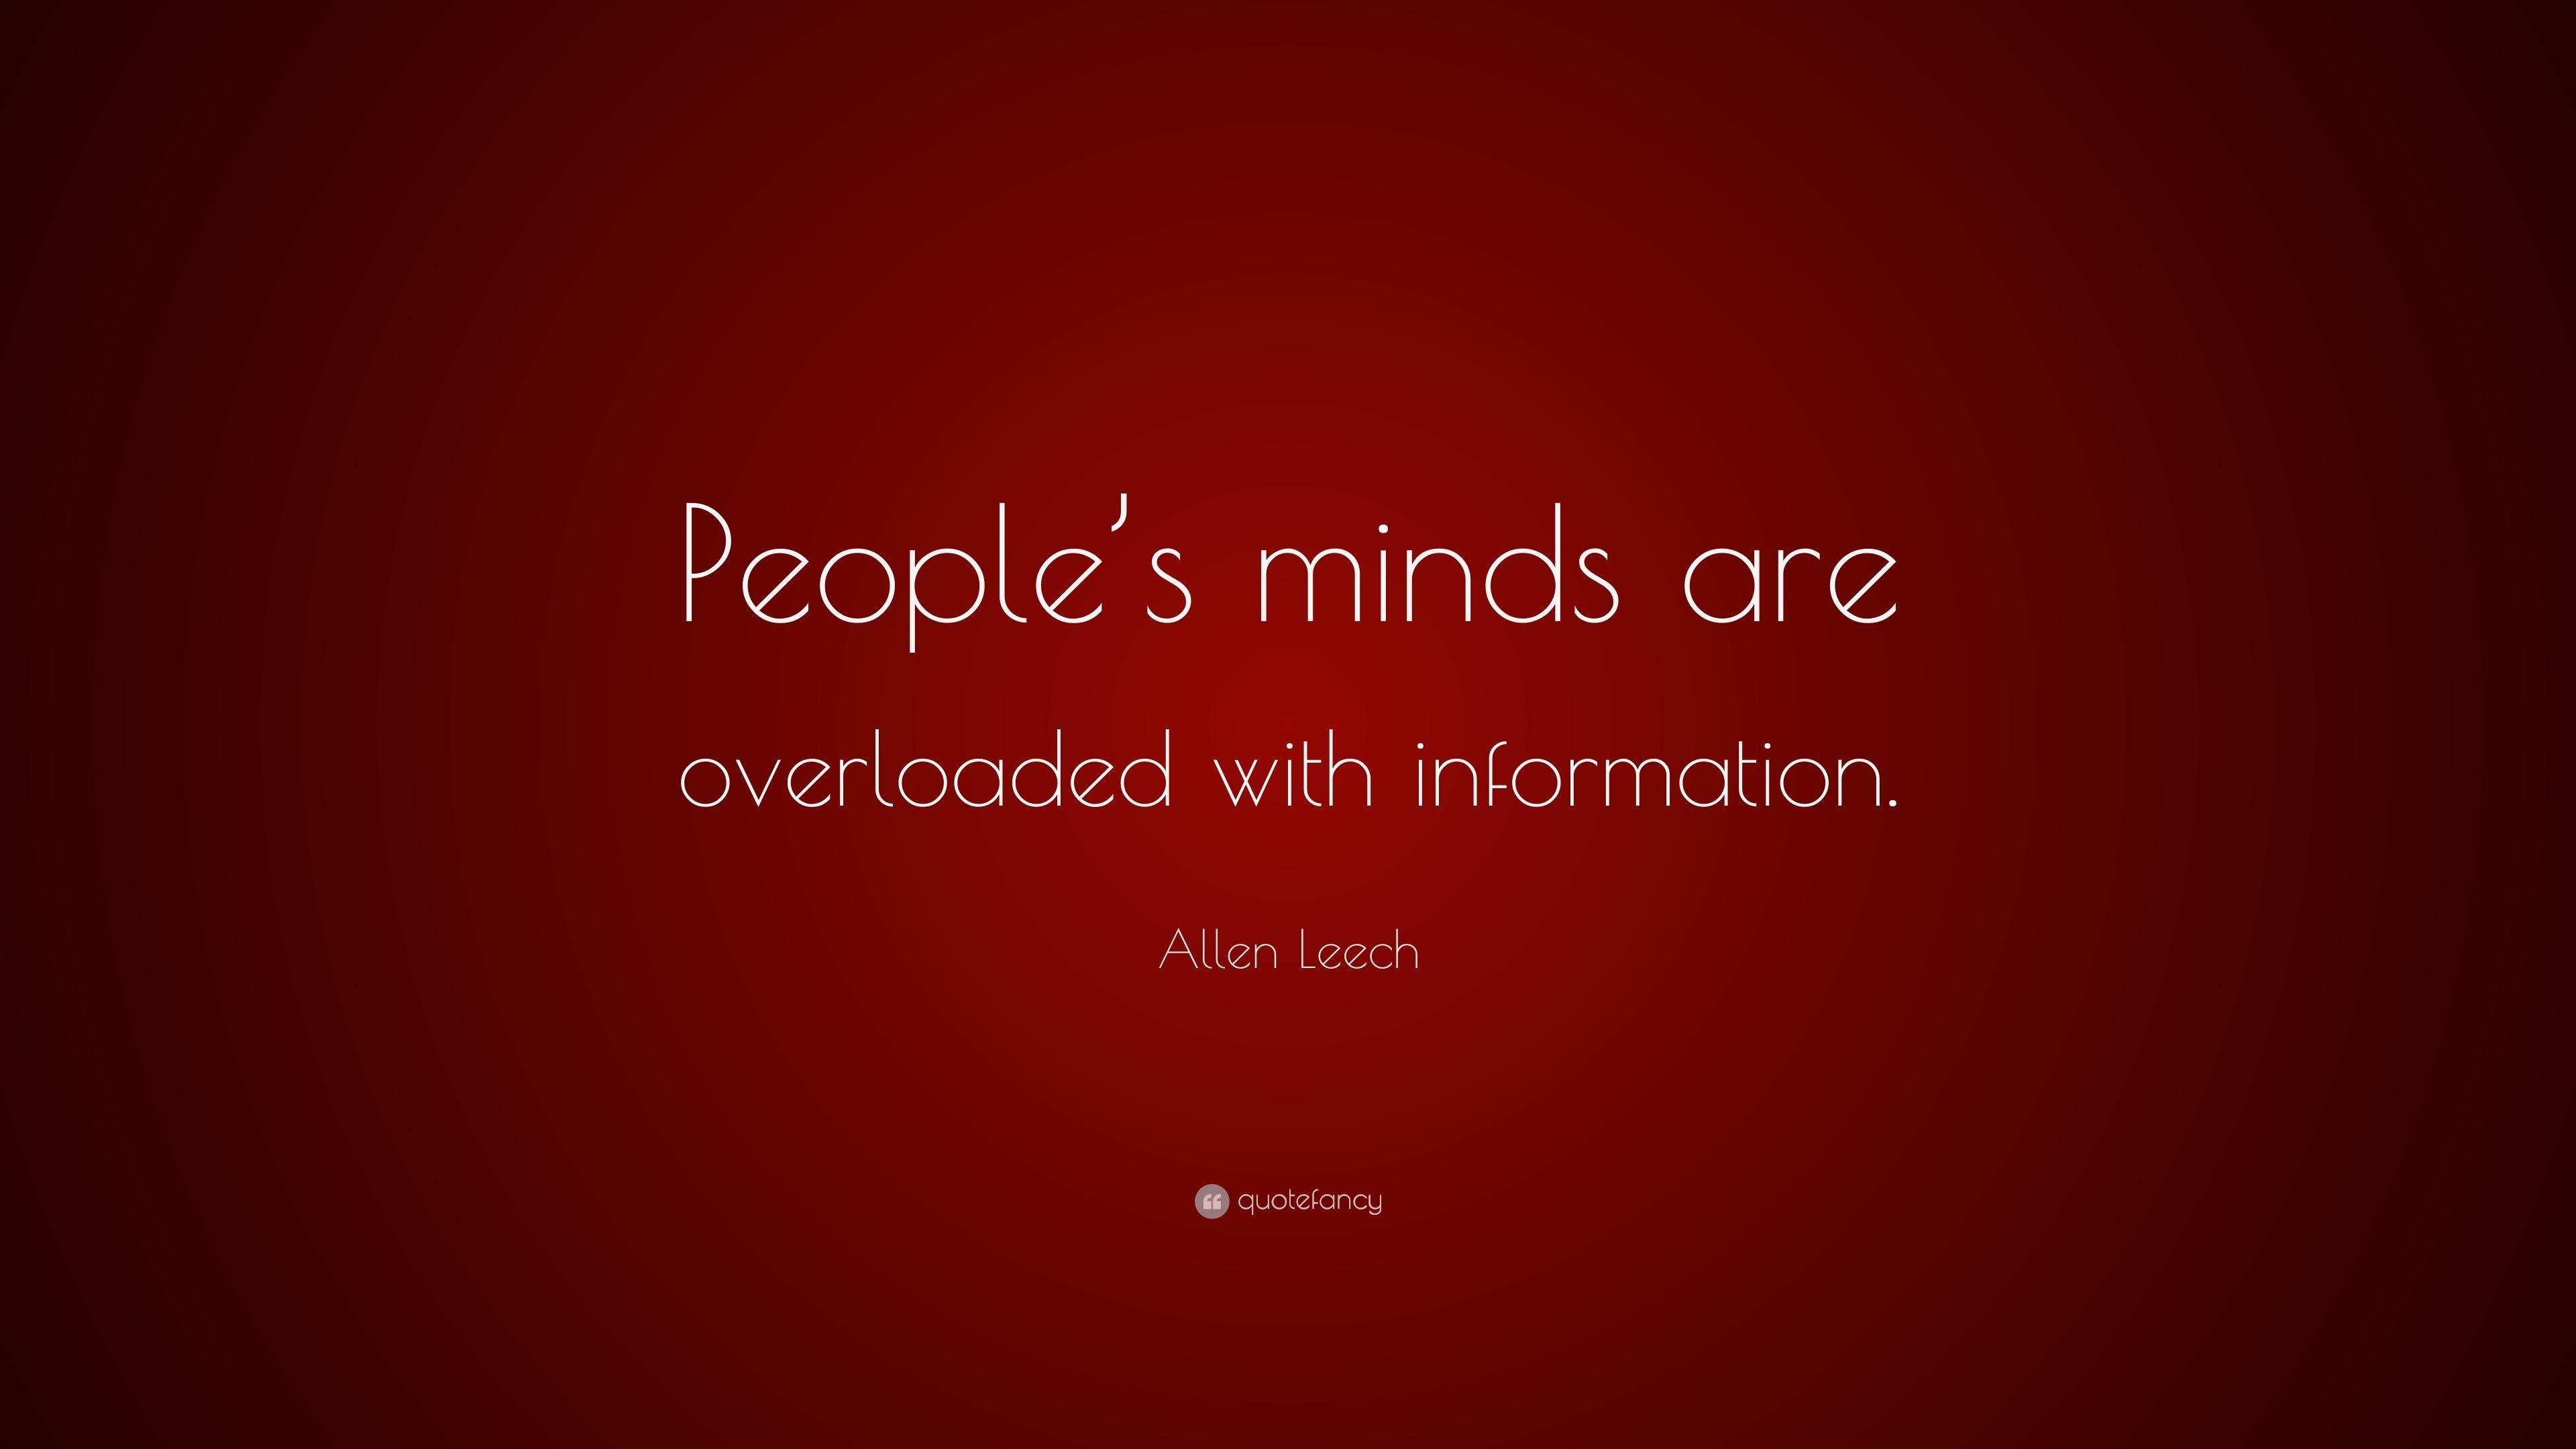 Allen Leech Quotes (6 wallpapers) - Quotefancy